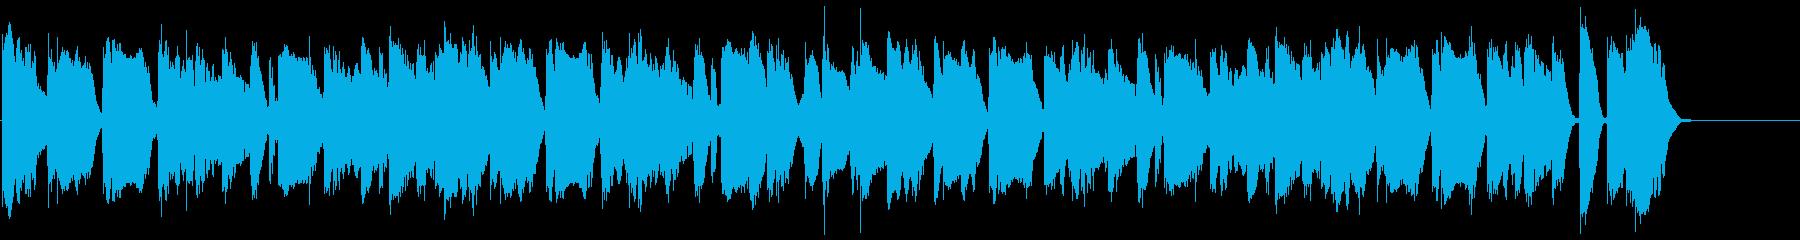 動画広告 30秒 フルートA 日常の再生済みの波形